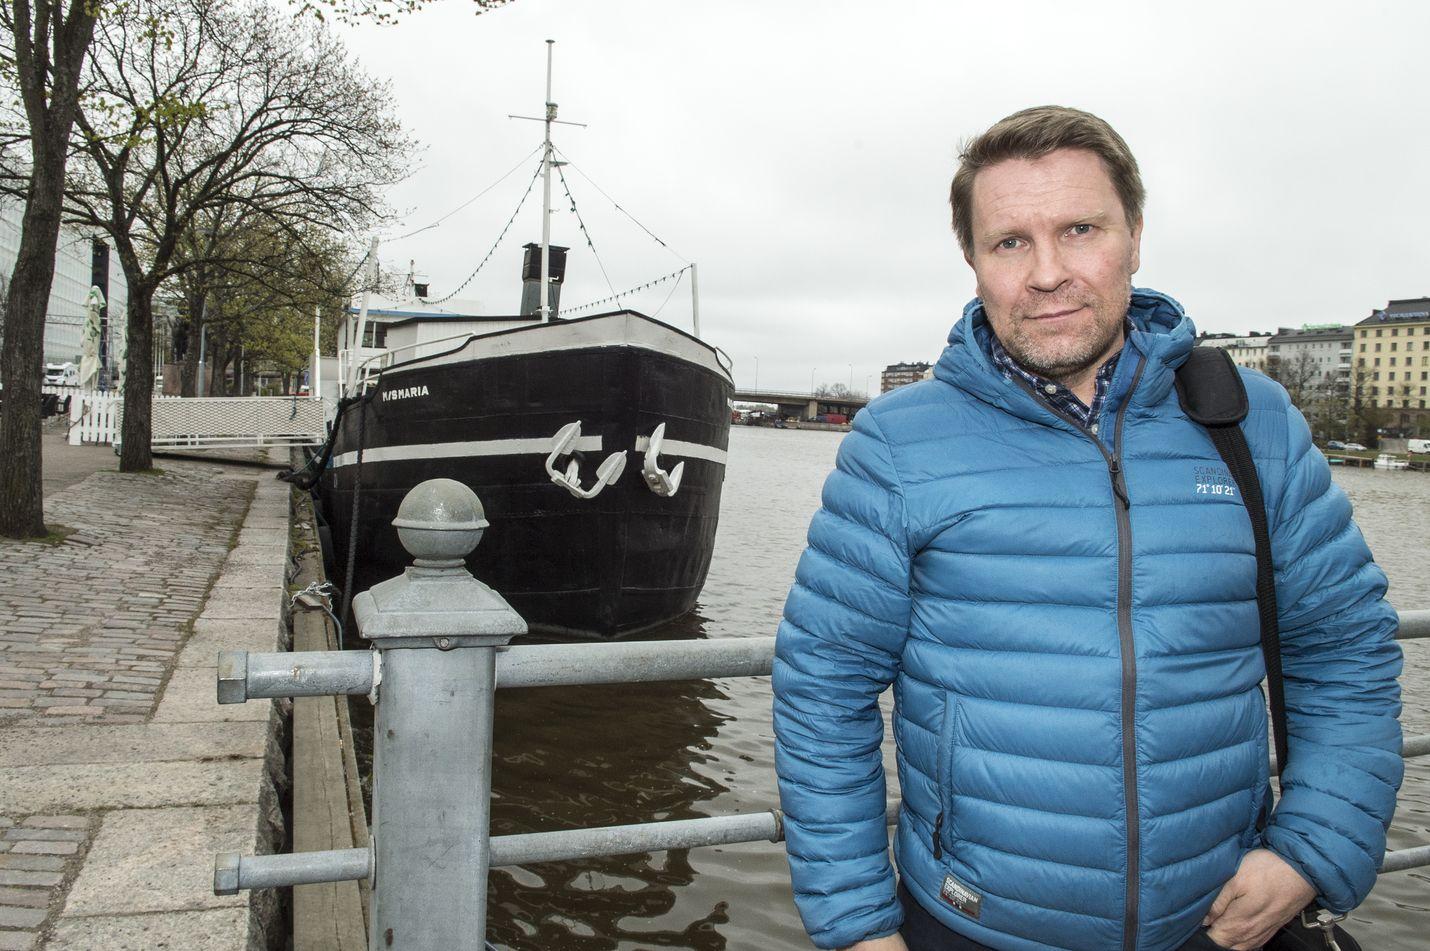 Vankilavirkailijain liiton puheenjohtaja Antti Santamäen mukaan ammattijärjestöt sivuutettiin täysin Rikosseuraamuslaitoksen vankilaverkoston kehittämissuunnitelmissa.